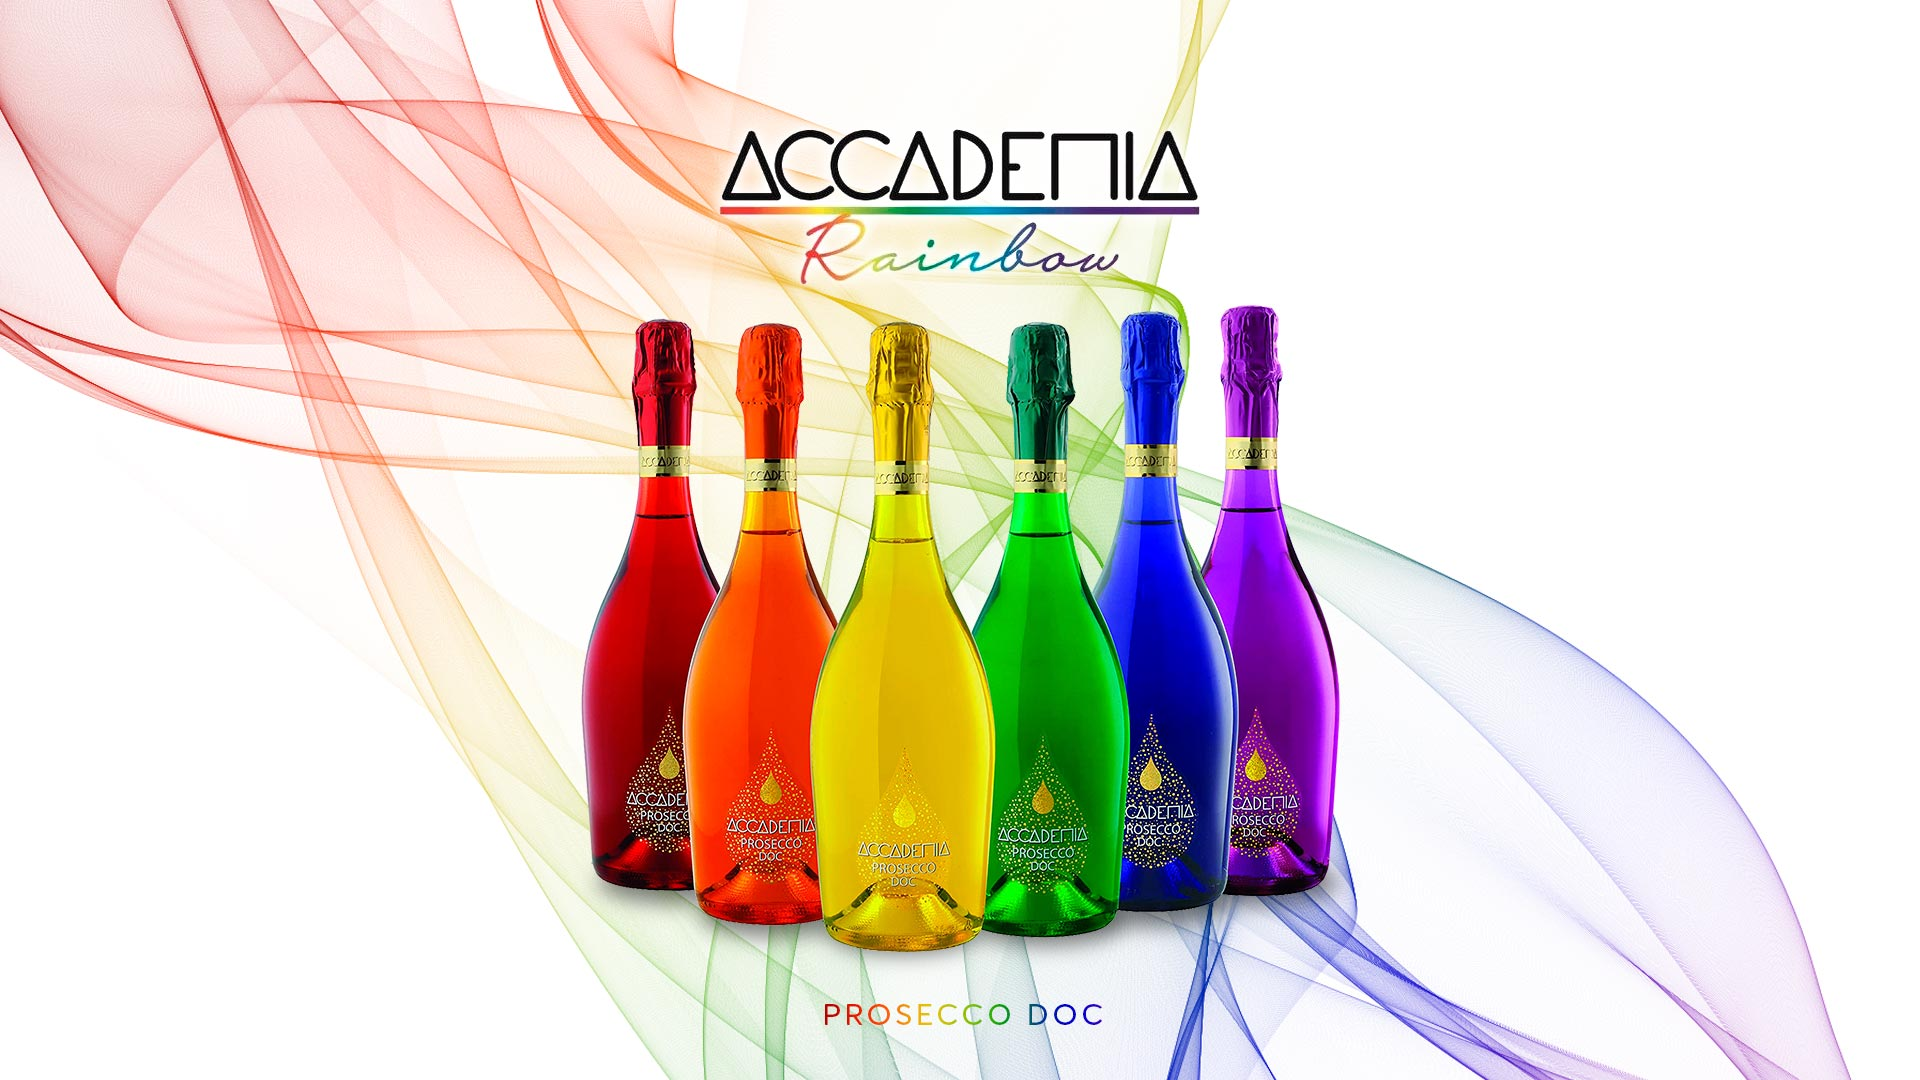 Header-Accademia-rainbow